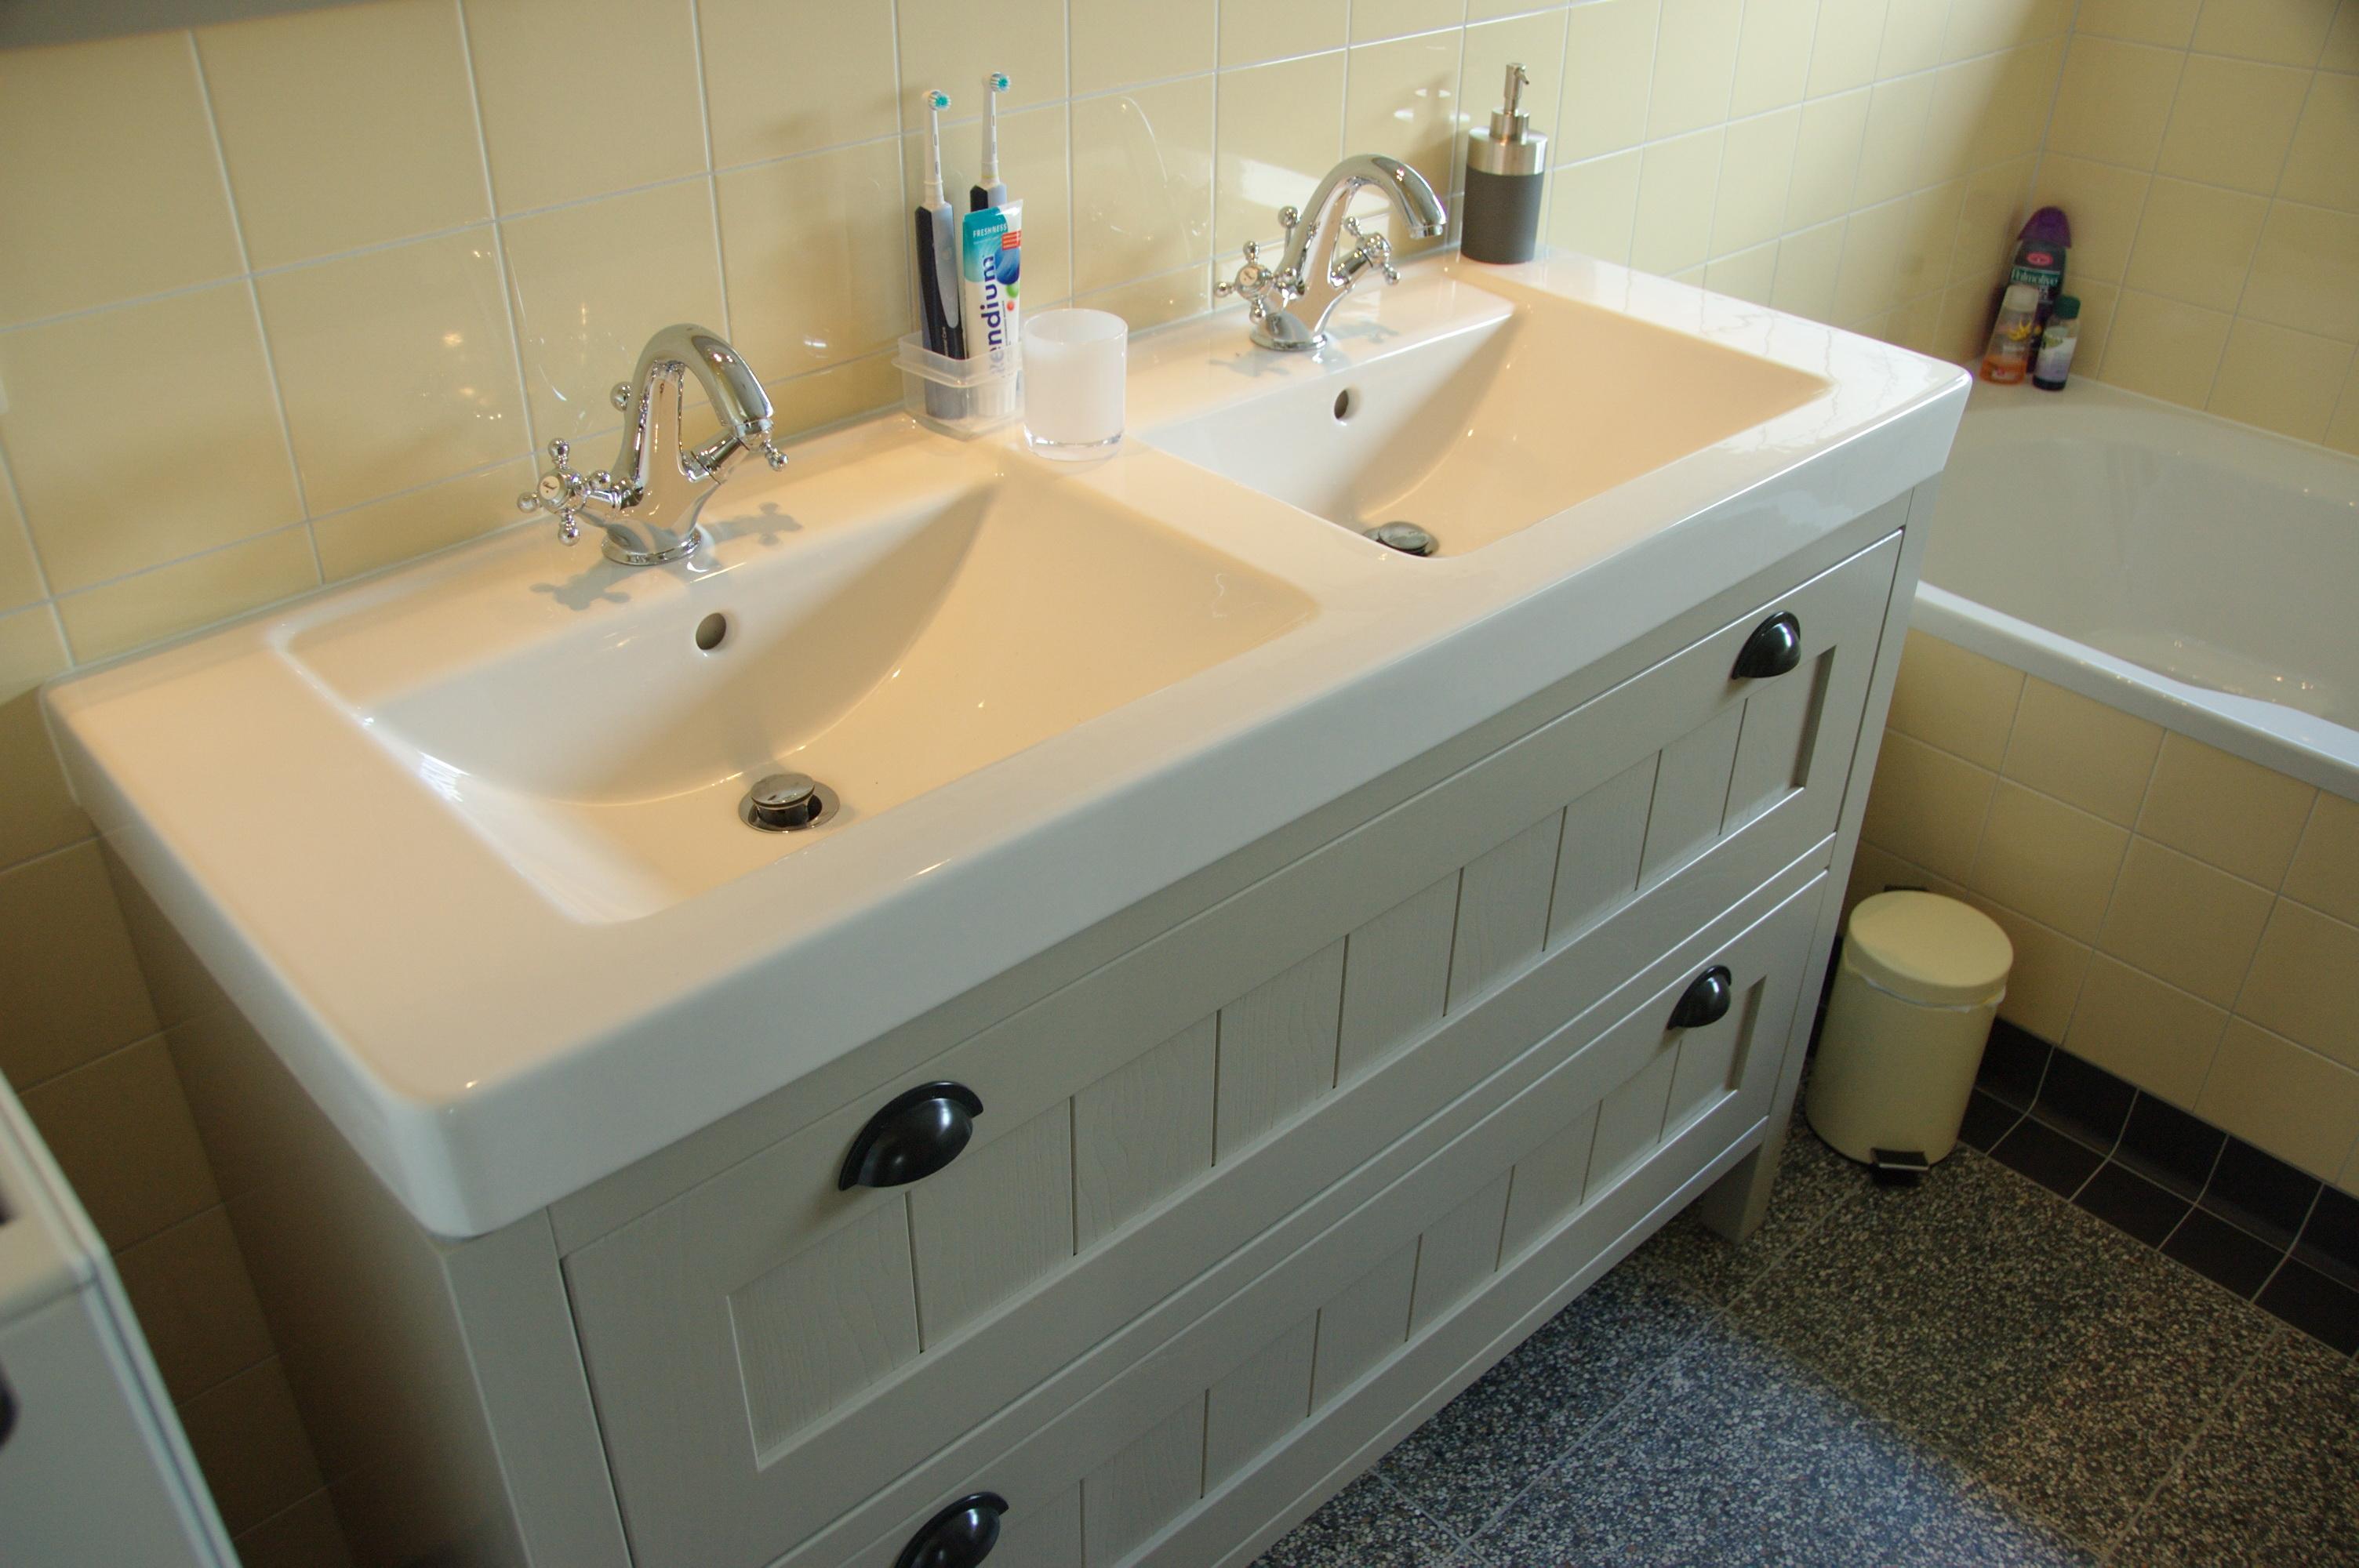 Badkamer Meubel Landelijk : Mooi landelijk badkamermeubel badkamermeubels ontwerpen 2017